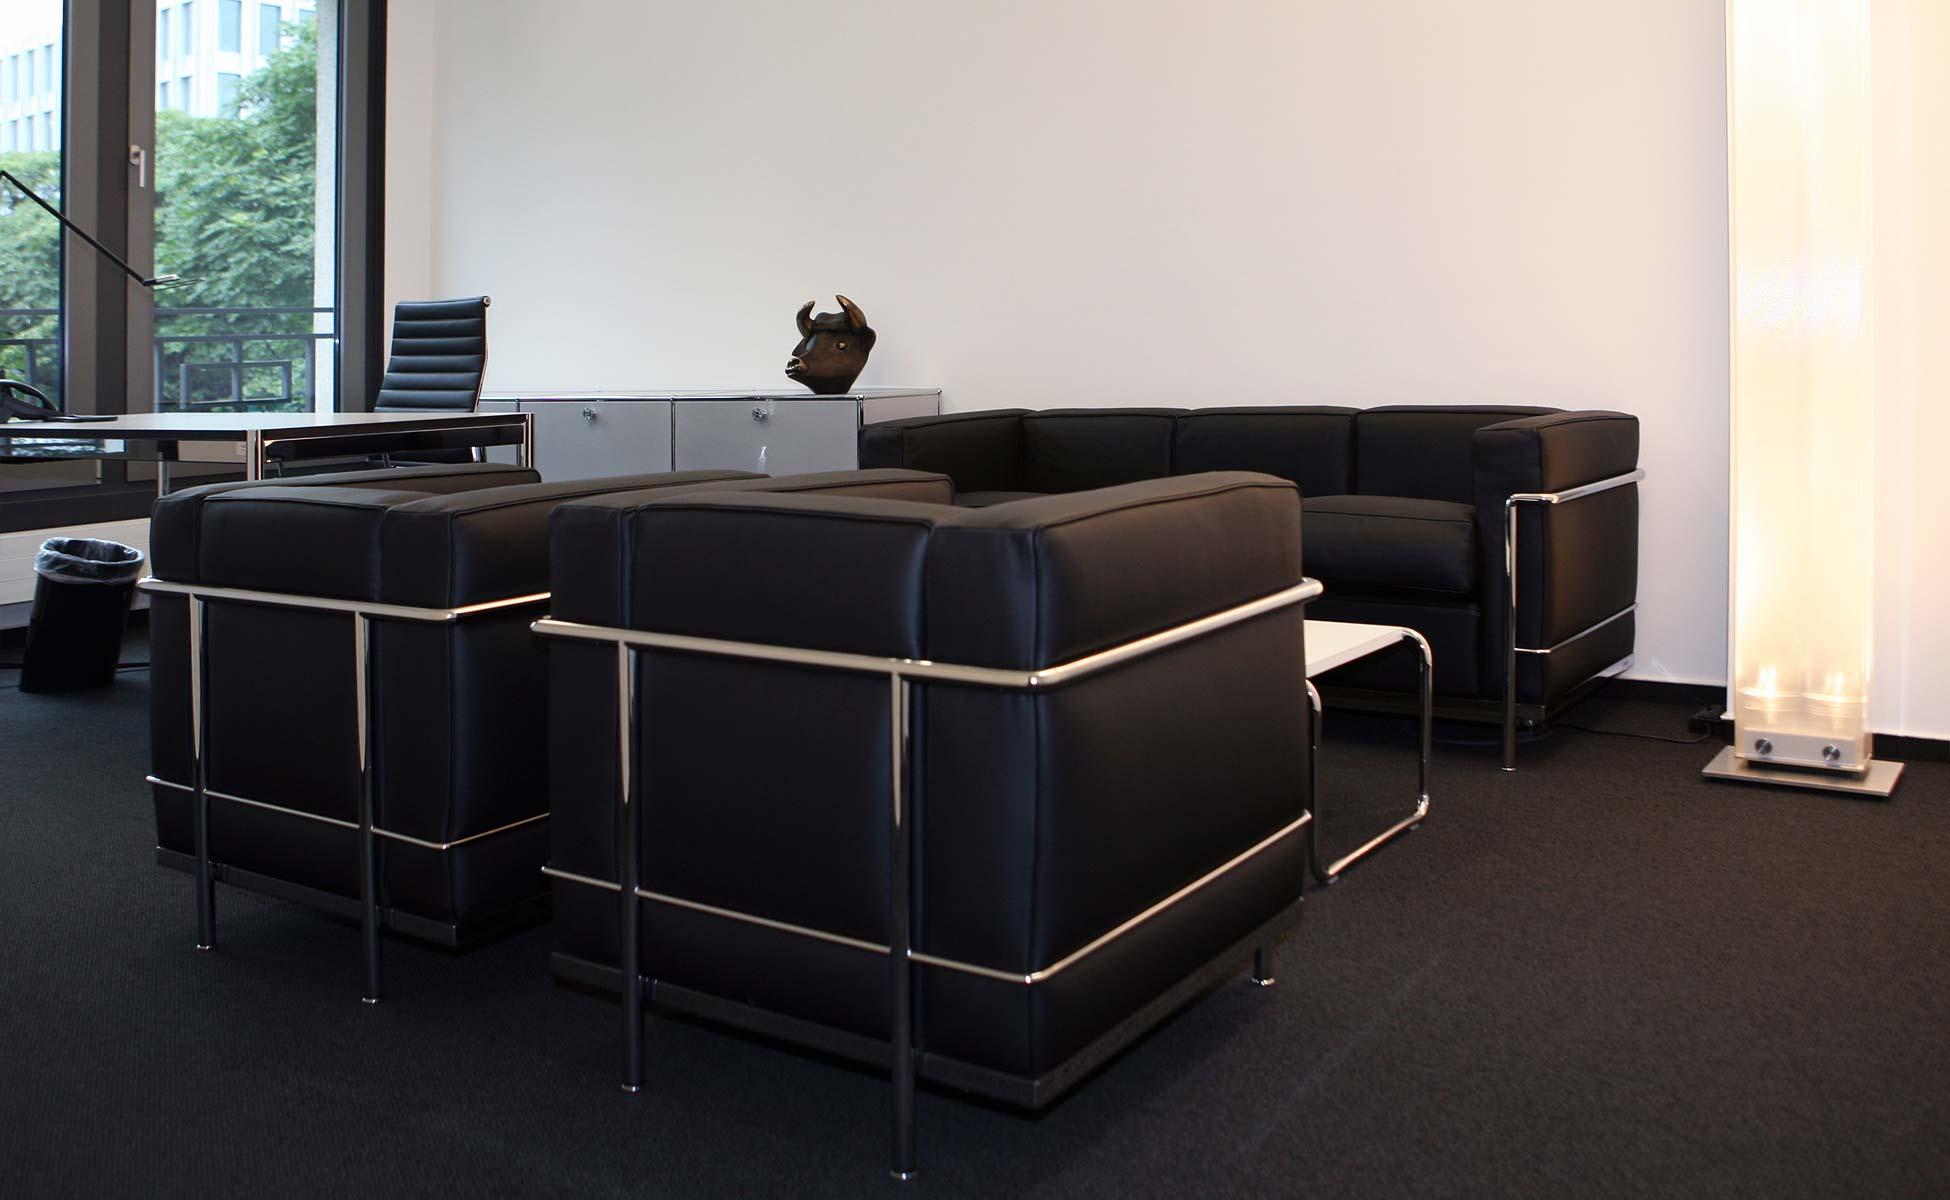 Büroeinrichtung Cassina Lounge von steidten+ Berlin